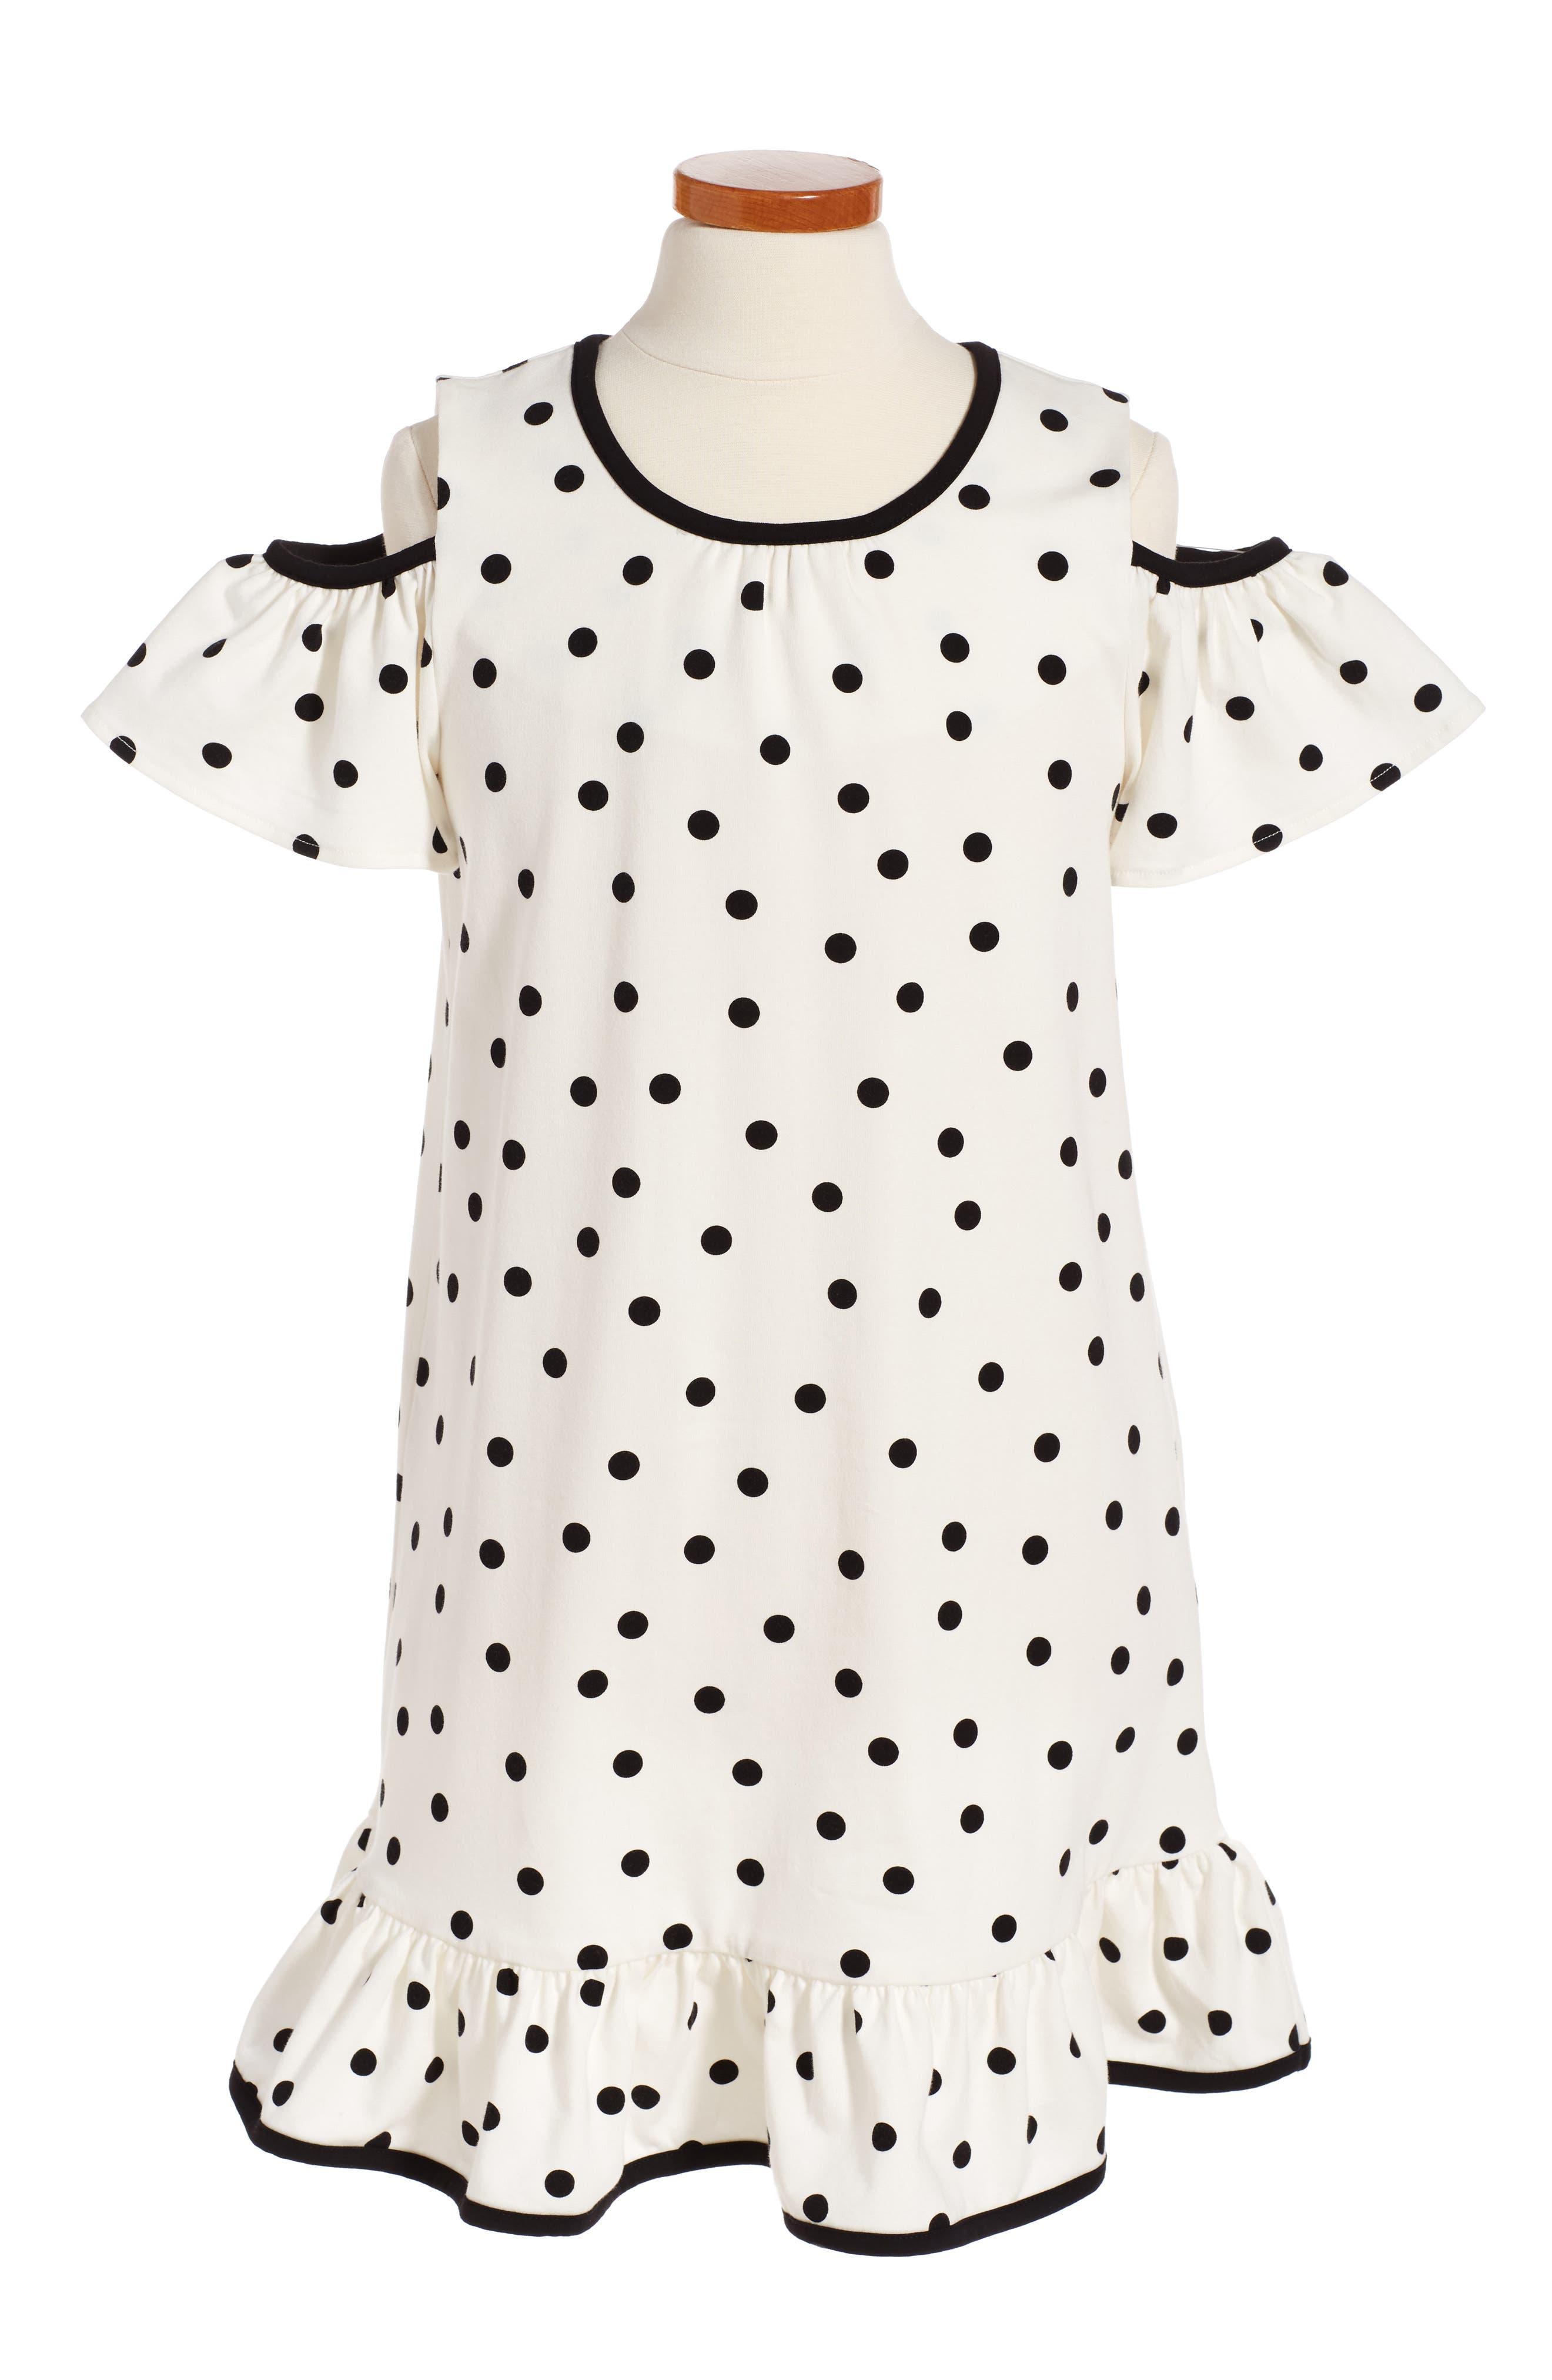 kate spade new york polka dot cold shoulder dress (Big Girls)